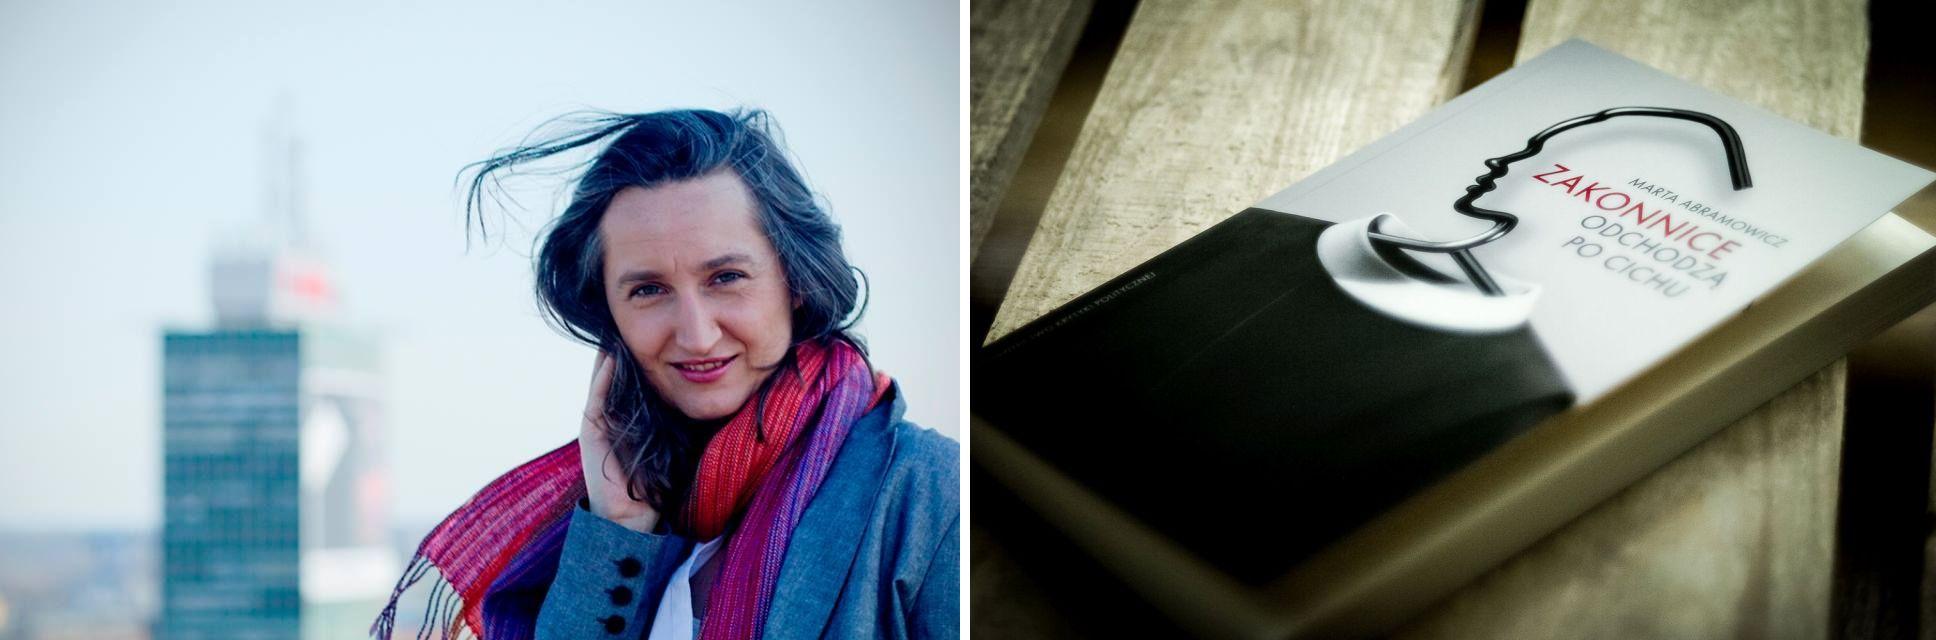 Marta Abramowicz i jej książka (fot. materiały prasowe)